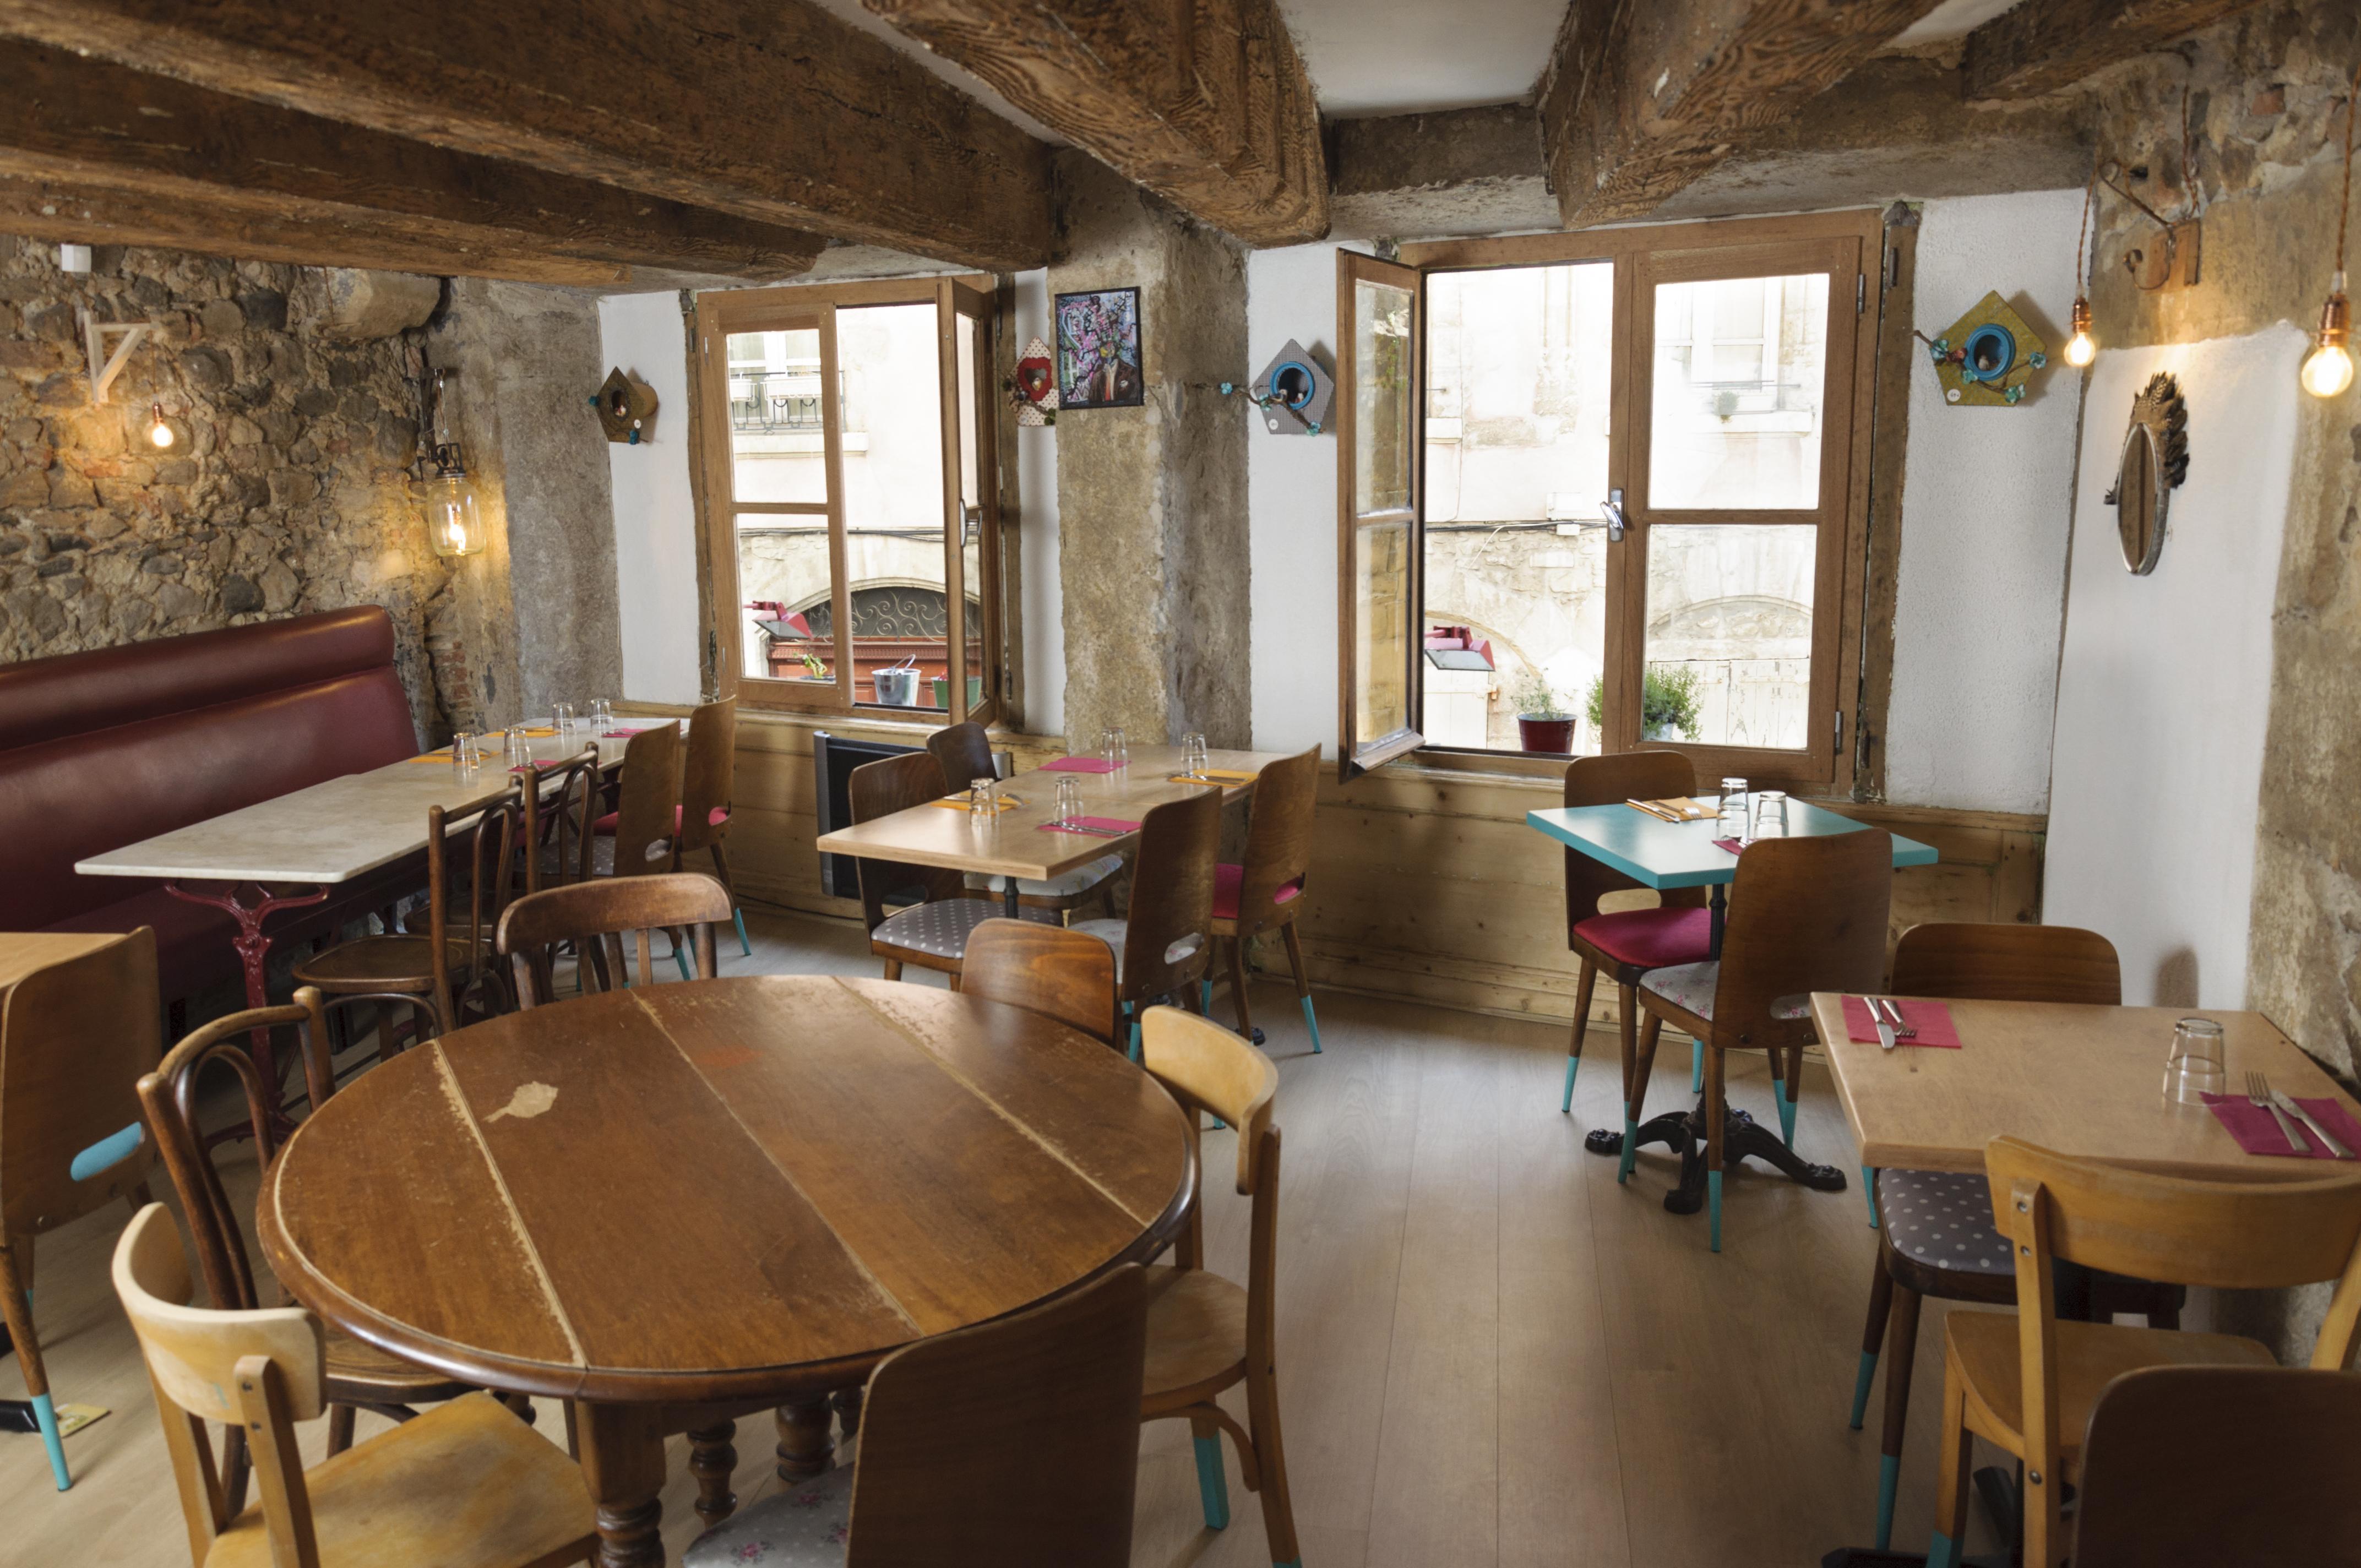 salle_du_simone_s_café_haut